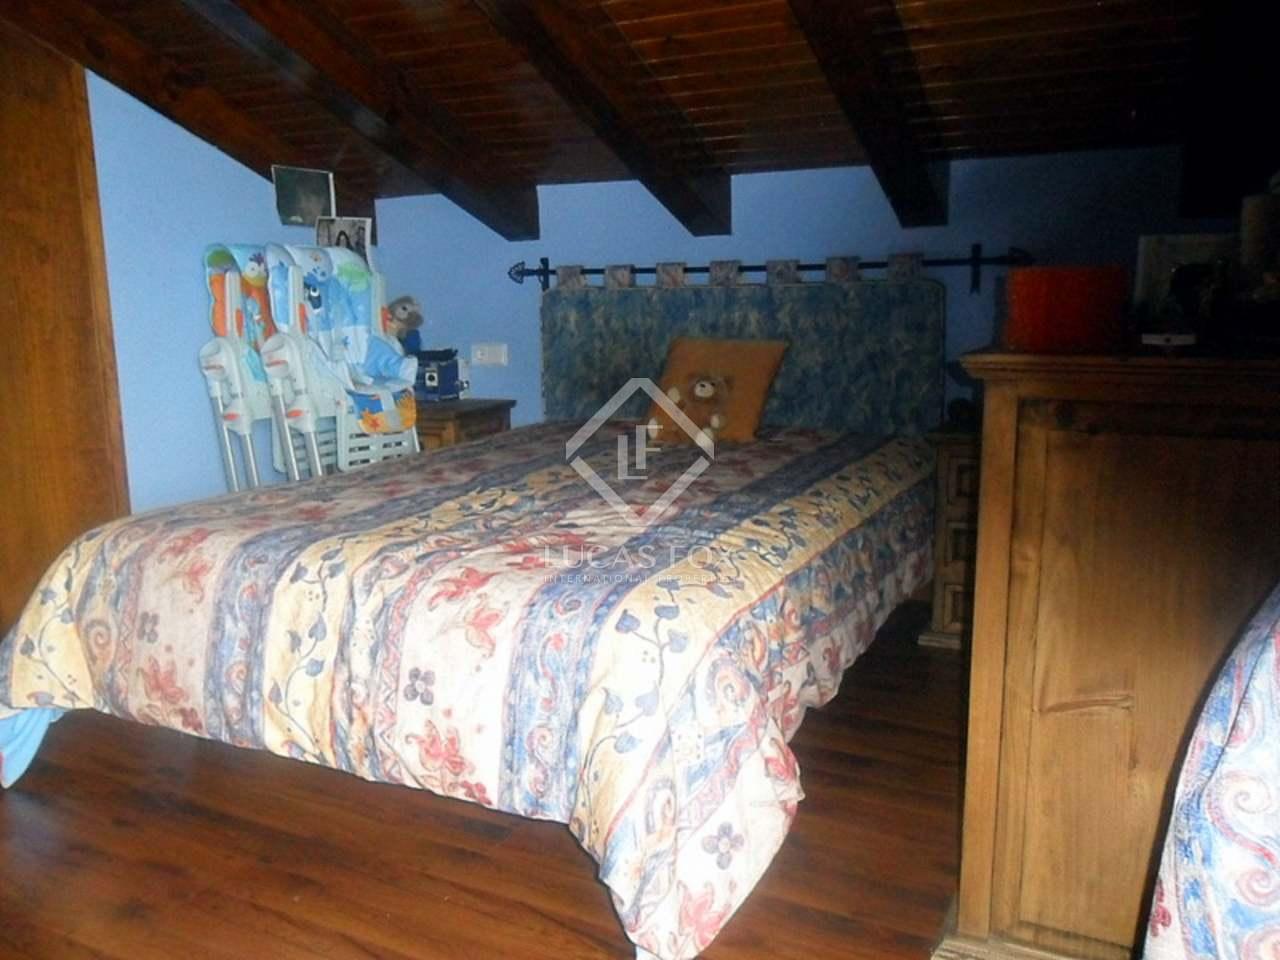 Overstock.com | The Best Deals Online: Furniture, Bedding ...